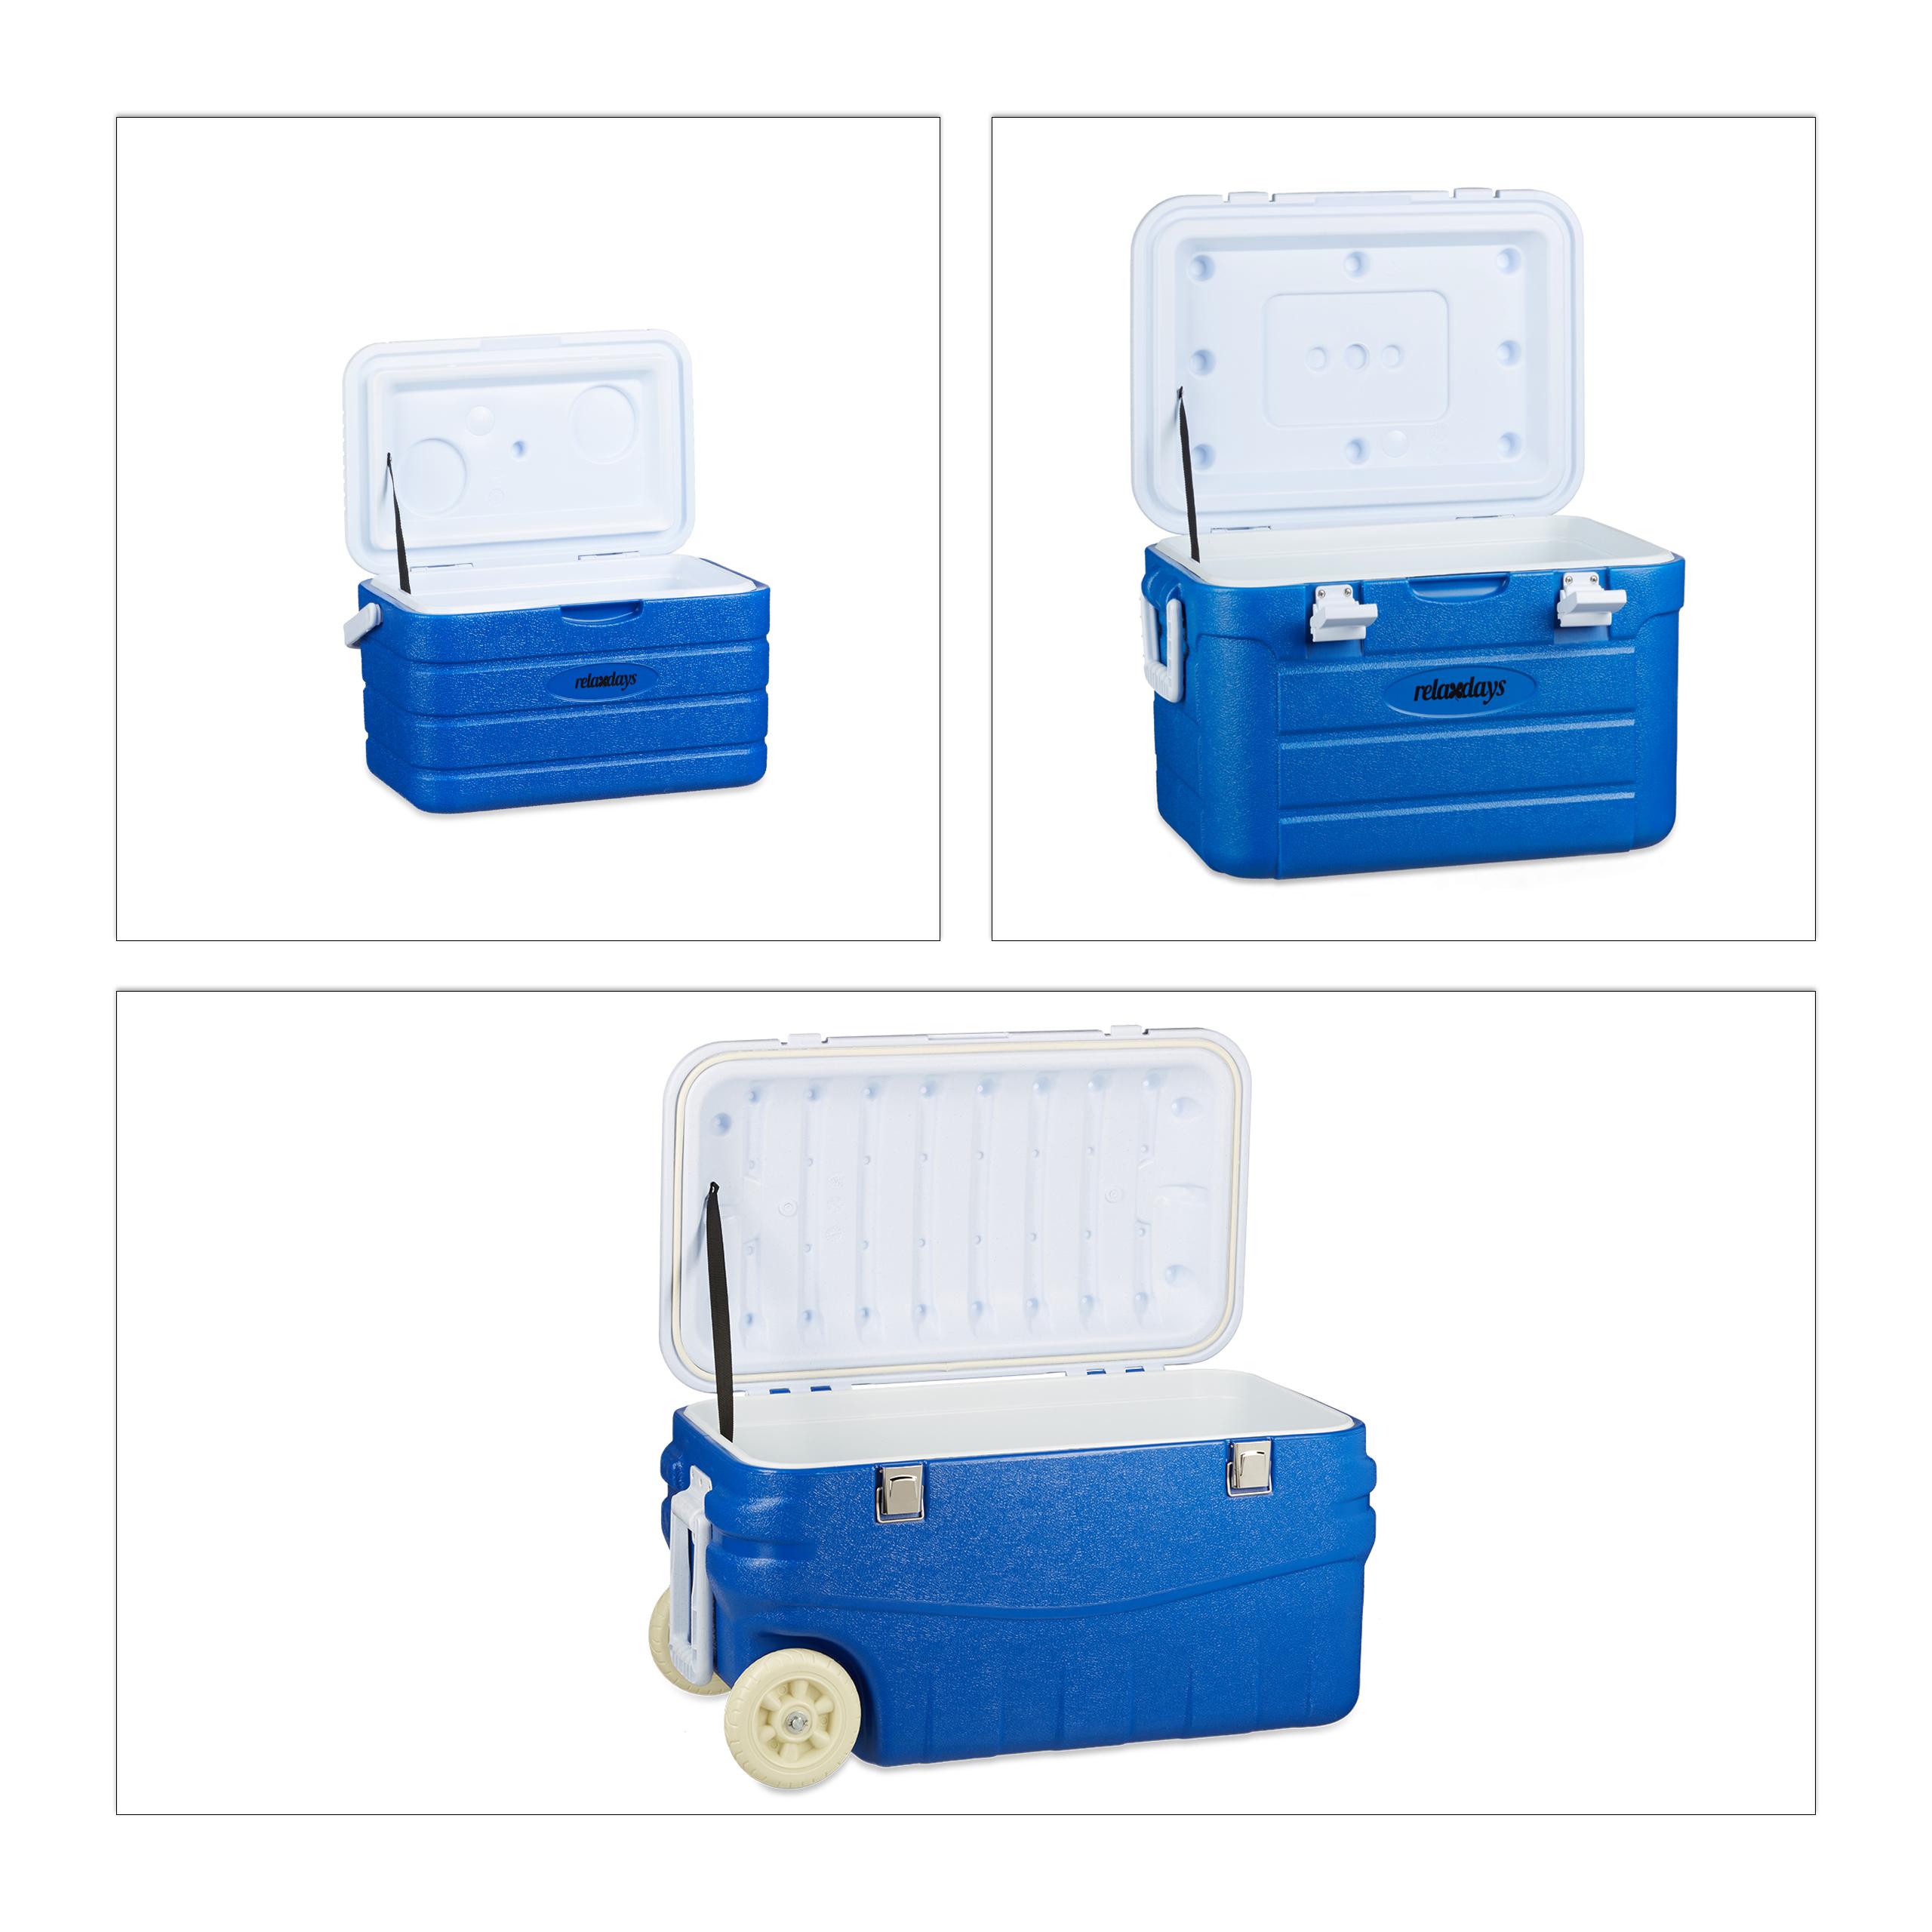 Wärme-//Kühlbox-Set Orange 5L Kühlbehälter für Lebensmittel ohne Strom 13L 26L